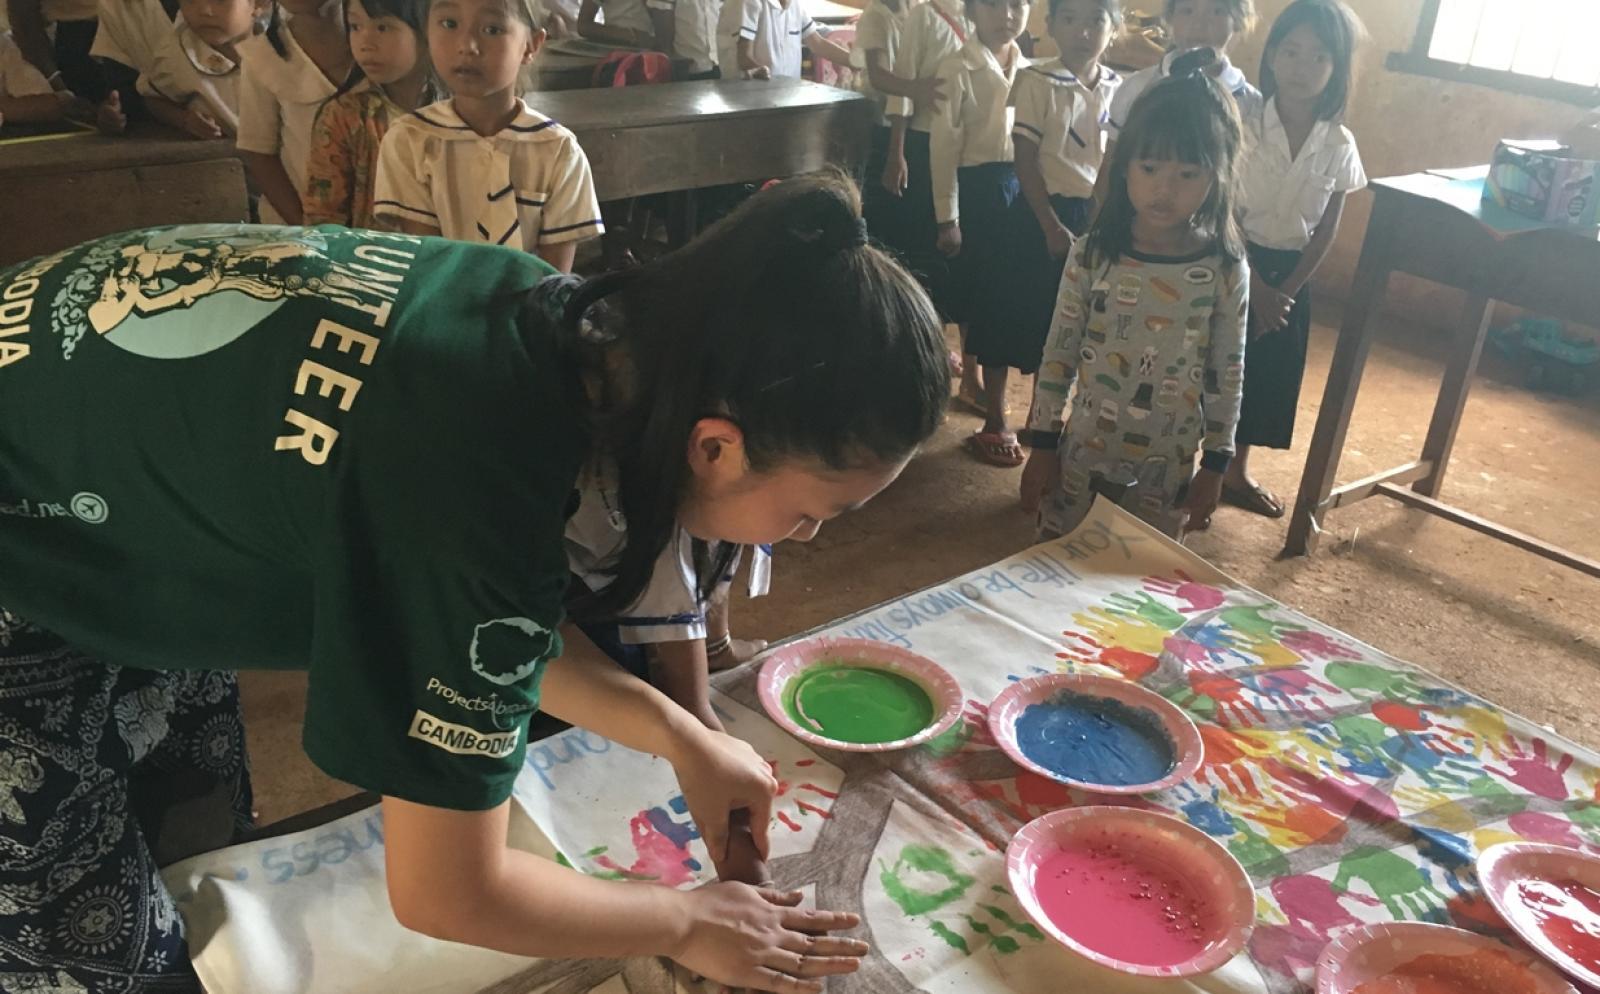 高校生ボランティア新島実梨さんがカンボジアで図画工作の時間をサポート